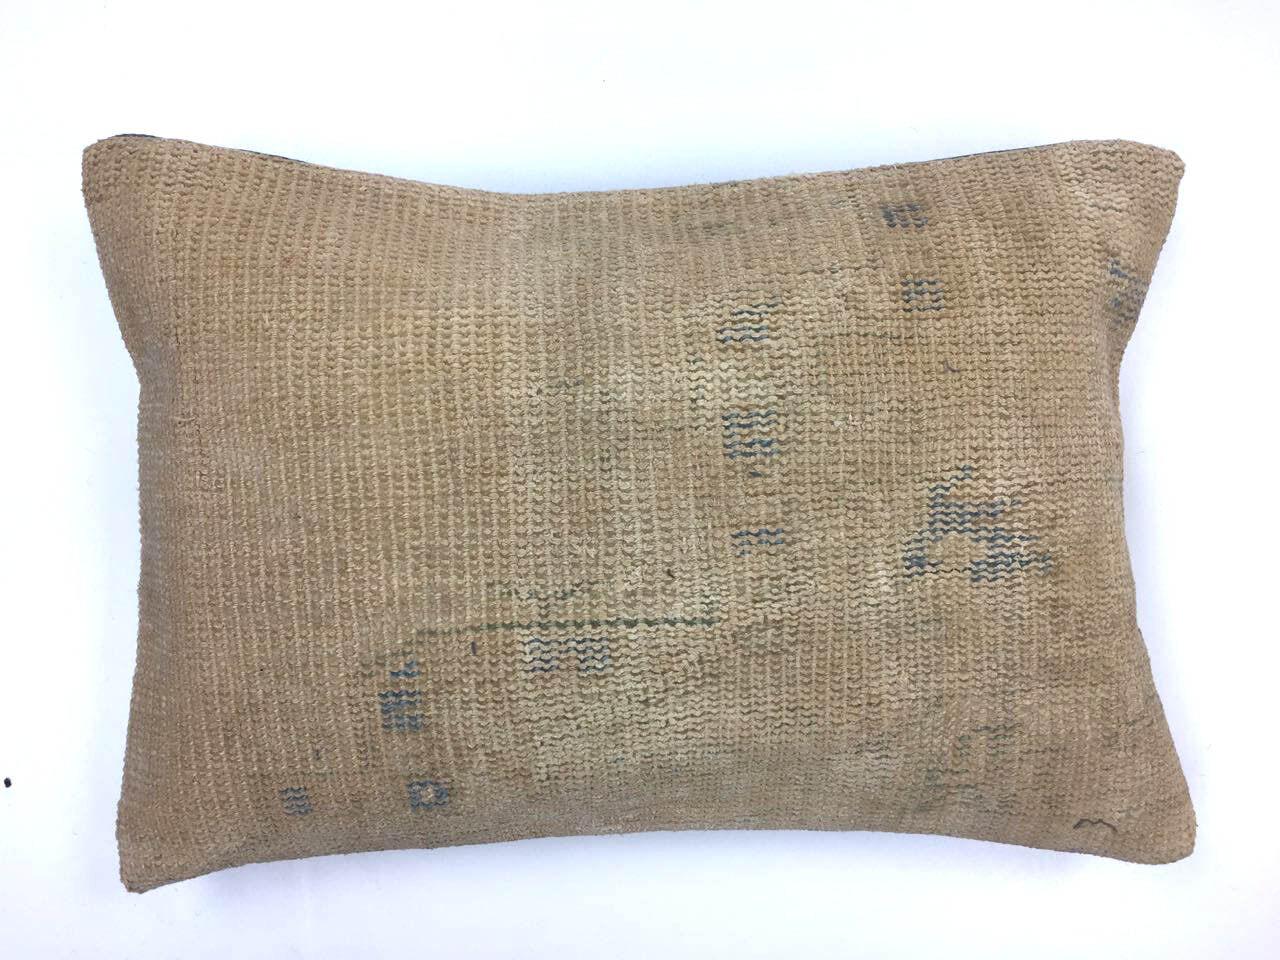 Fait Main Tapis Coussin Couverture Tapis Oreiller 40 cm turc persan marocain 64198